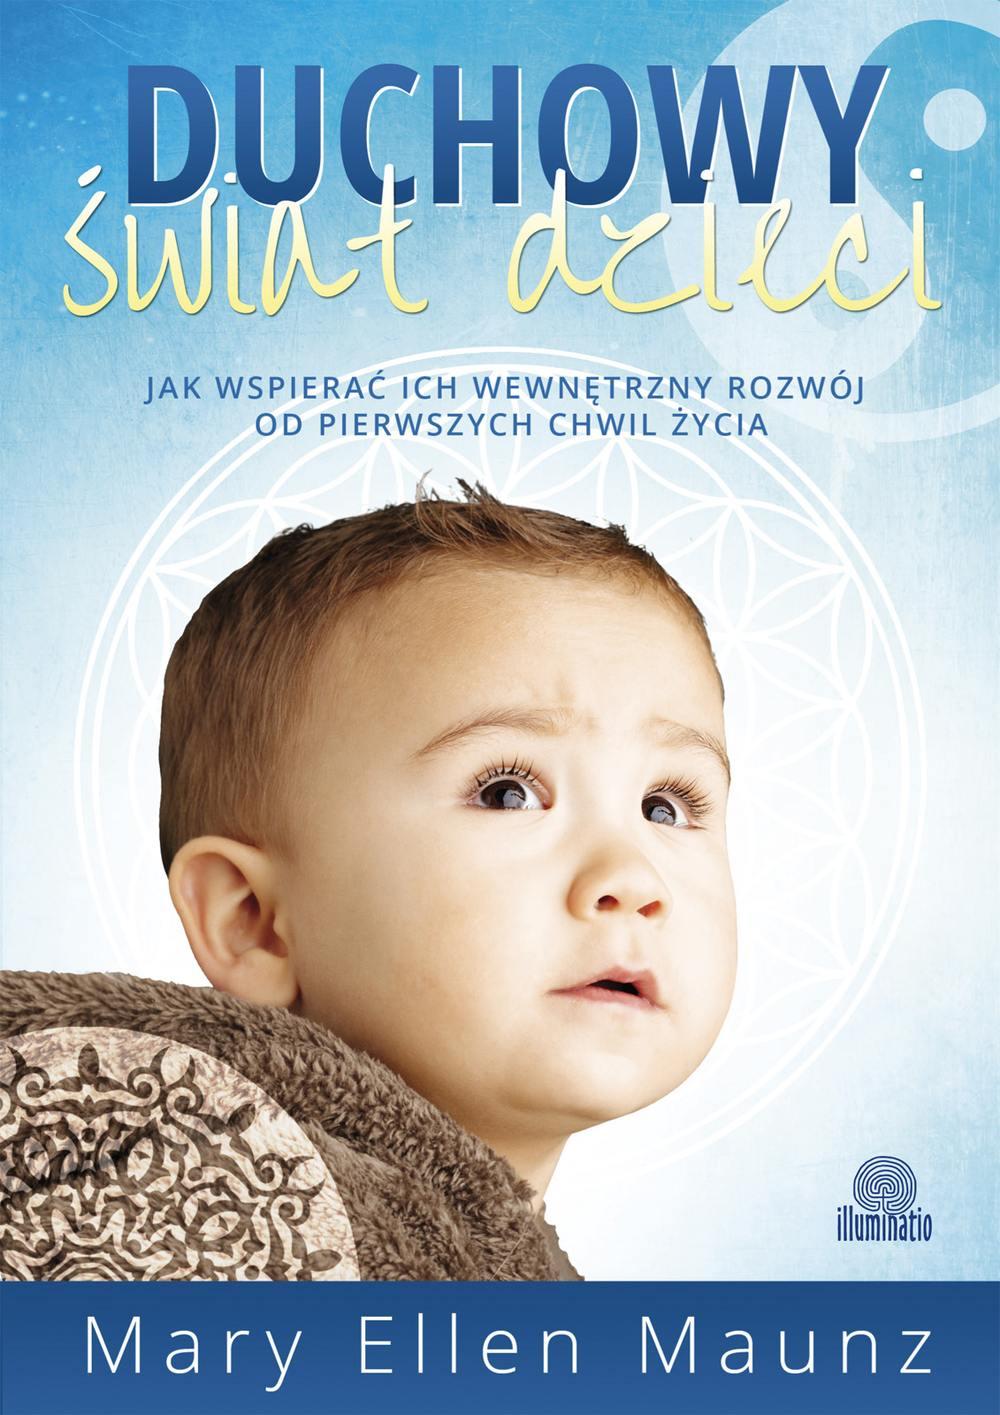 Duchowy świat dzieci. Jak wspierać ich wewnętrzny rozwój od pierwszych chwil życia - Ebook (Książka EPUB) do pobrania w formacie EPUB